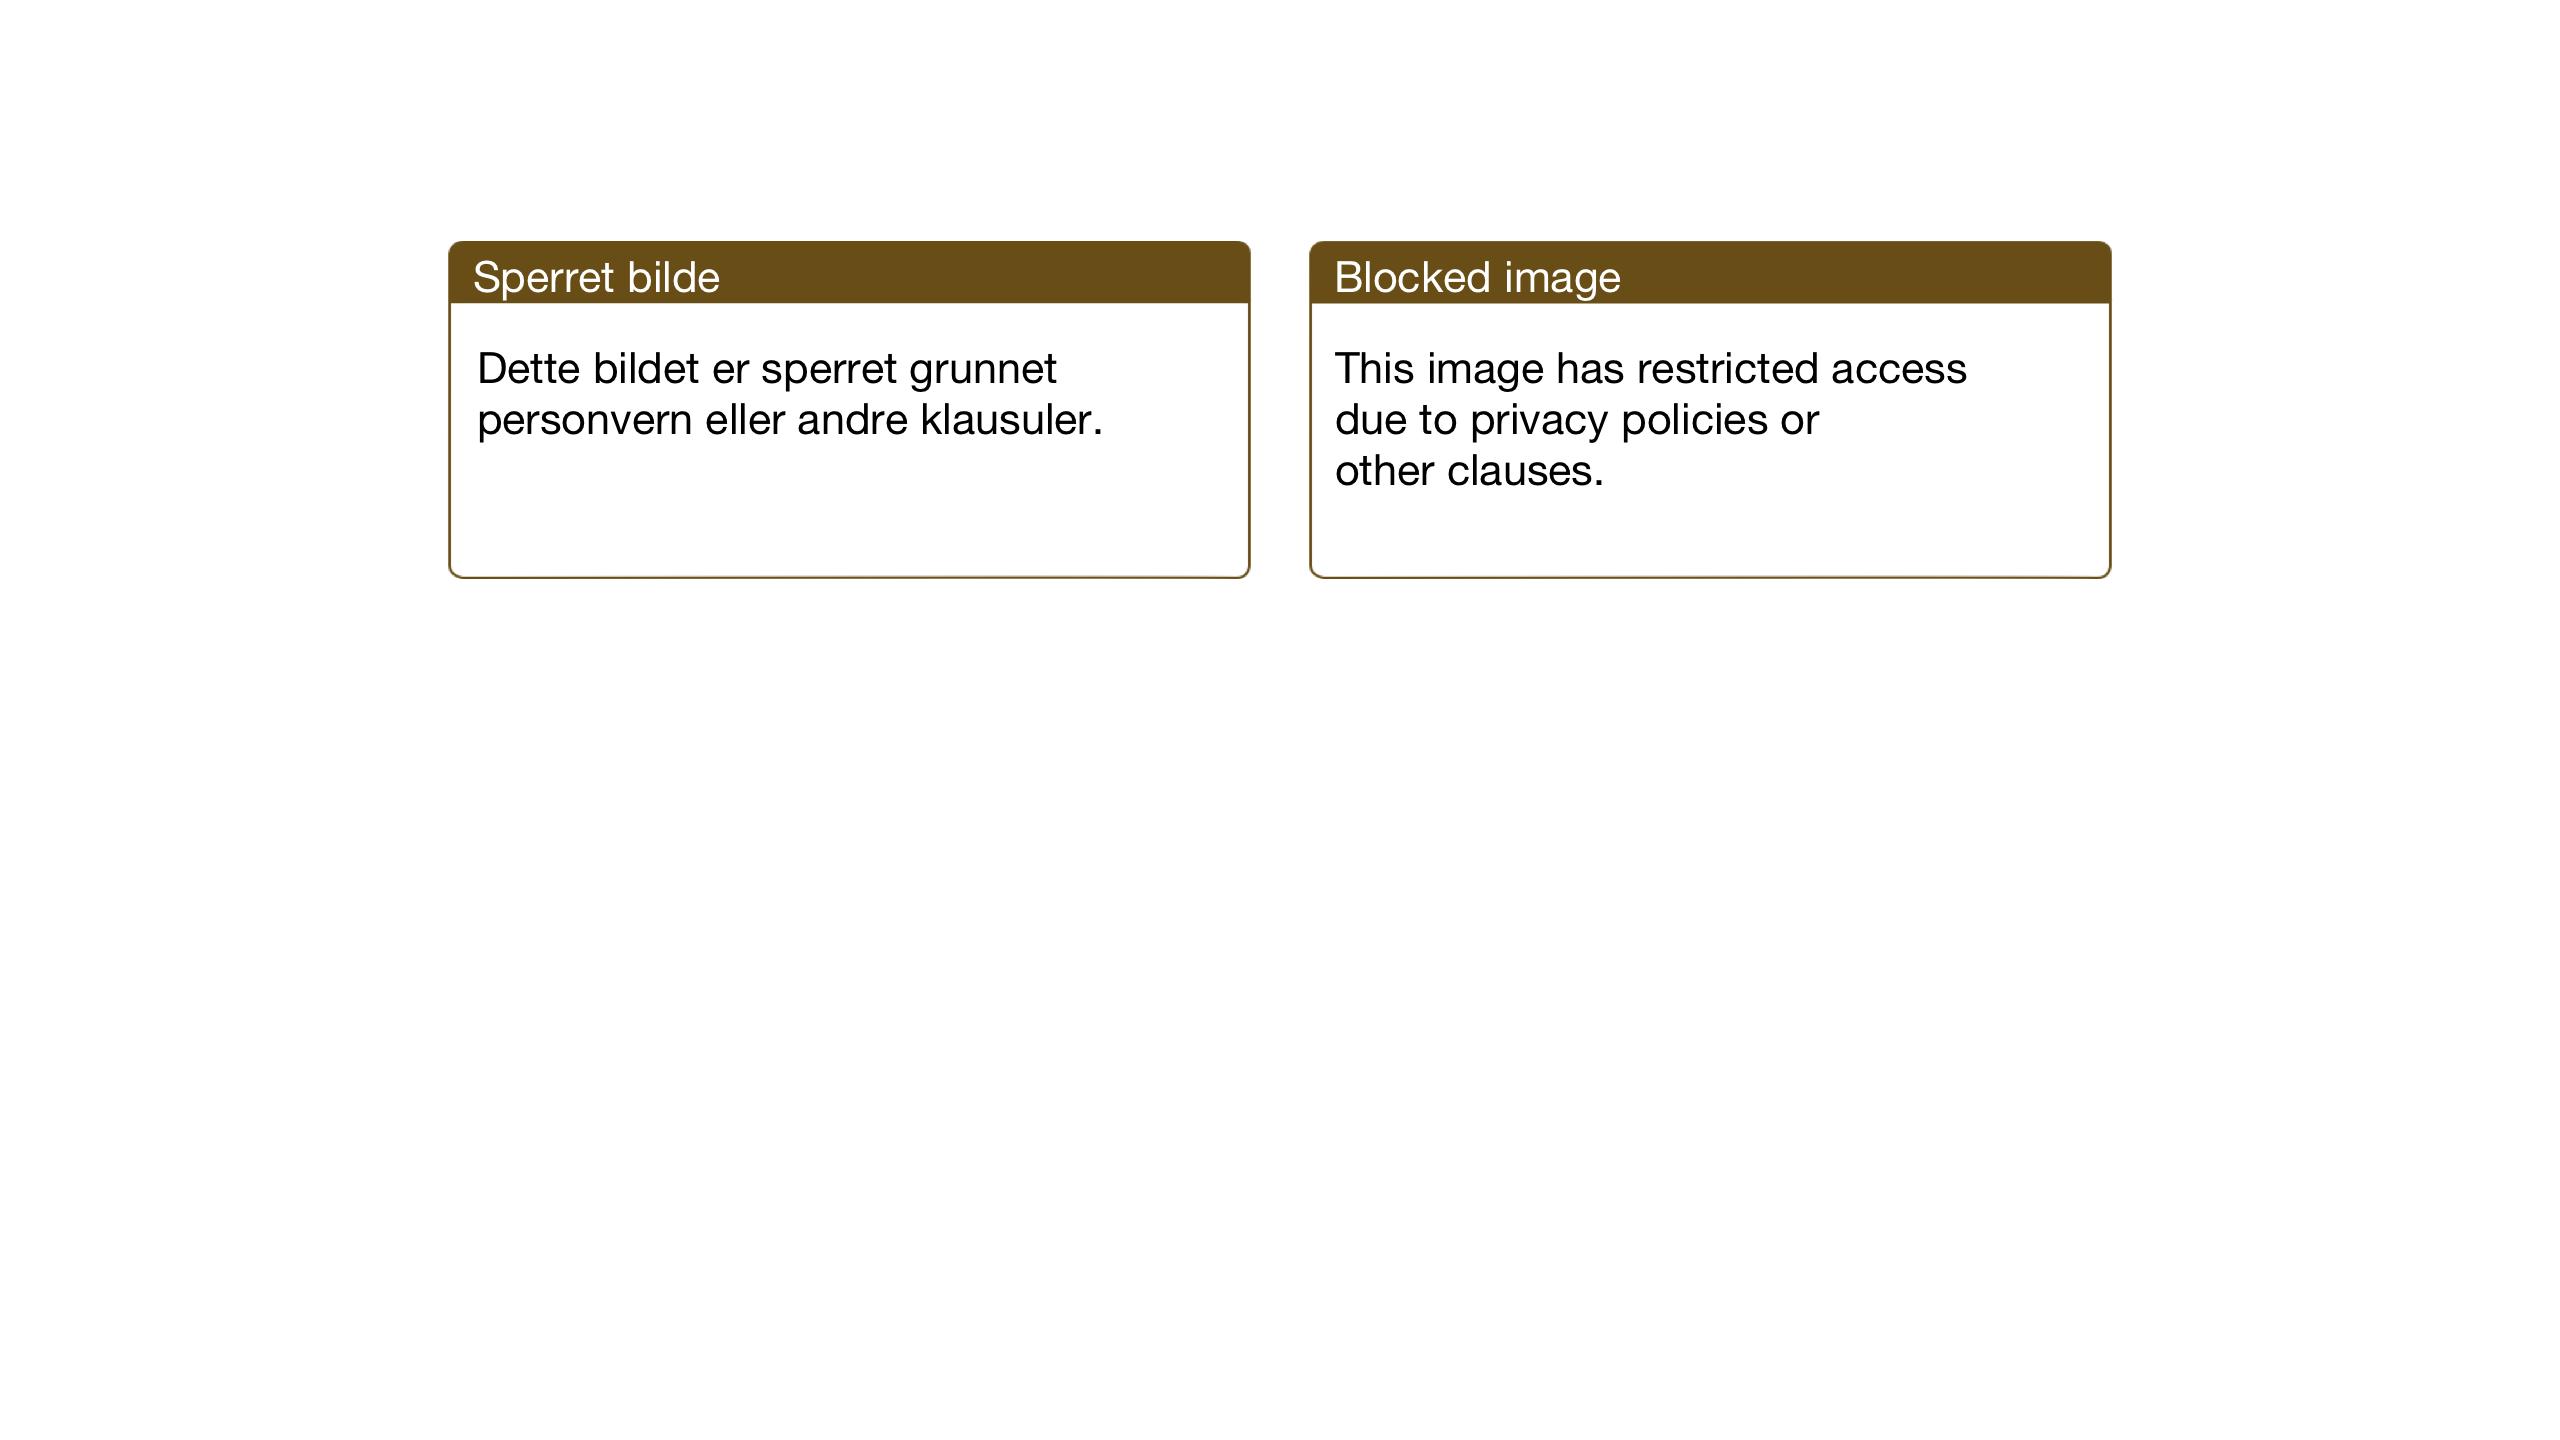 SAT, Ministerialprotokoller, klokkerbøker og fødselsregistre - Nord-Trøndelag, 714/L0136: Klokkerbok nr. 714C05, 1918-1957, s. 27